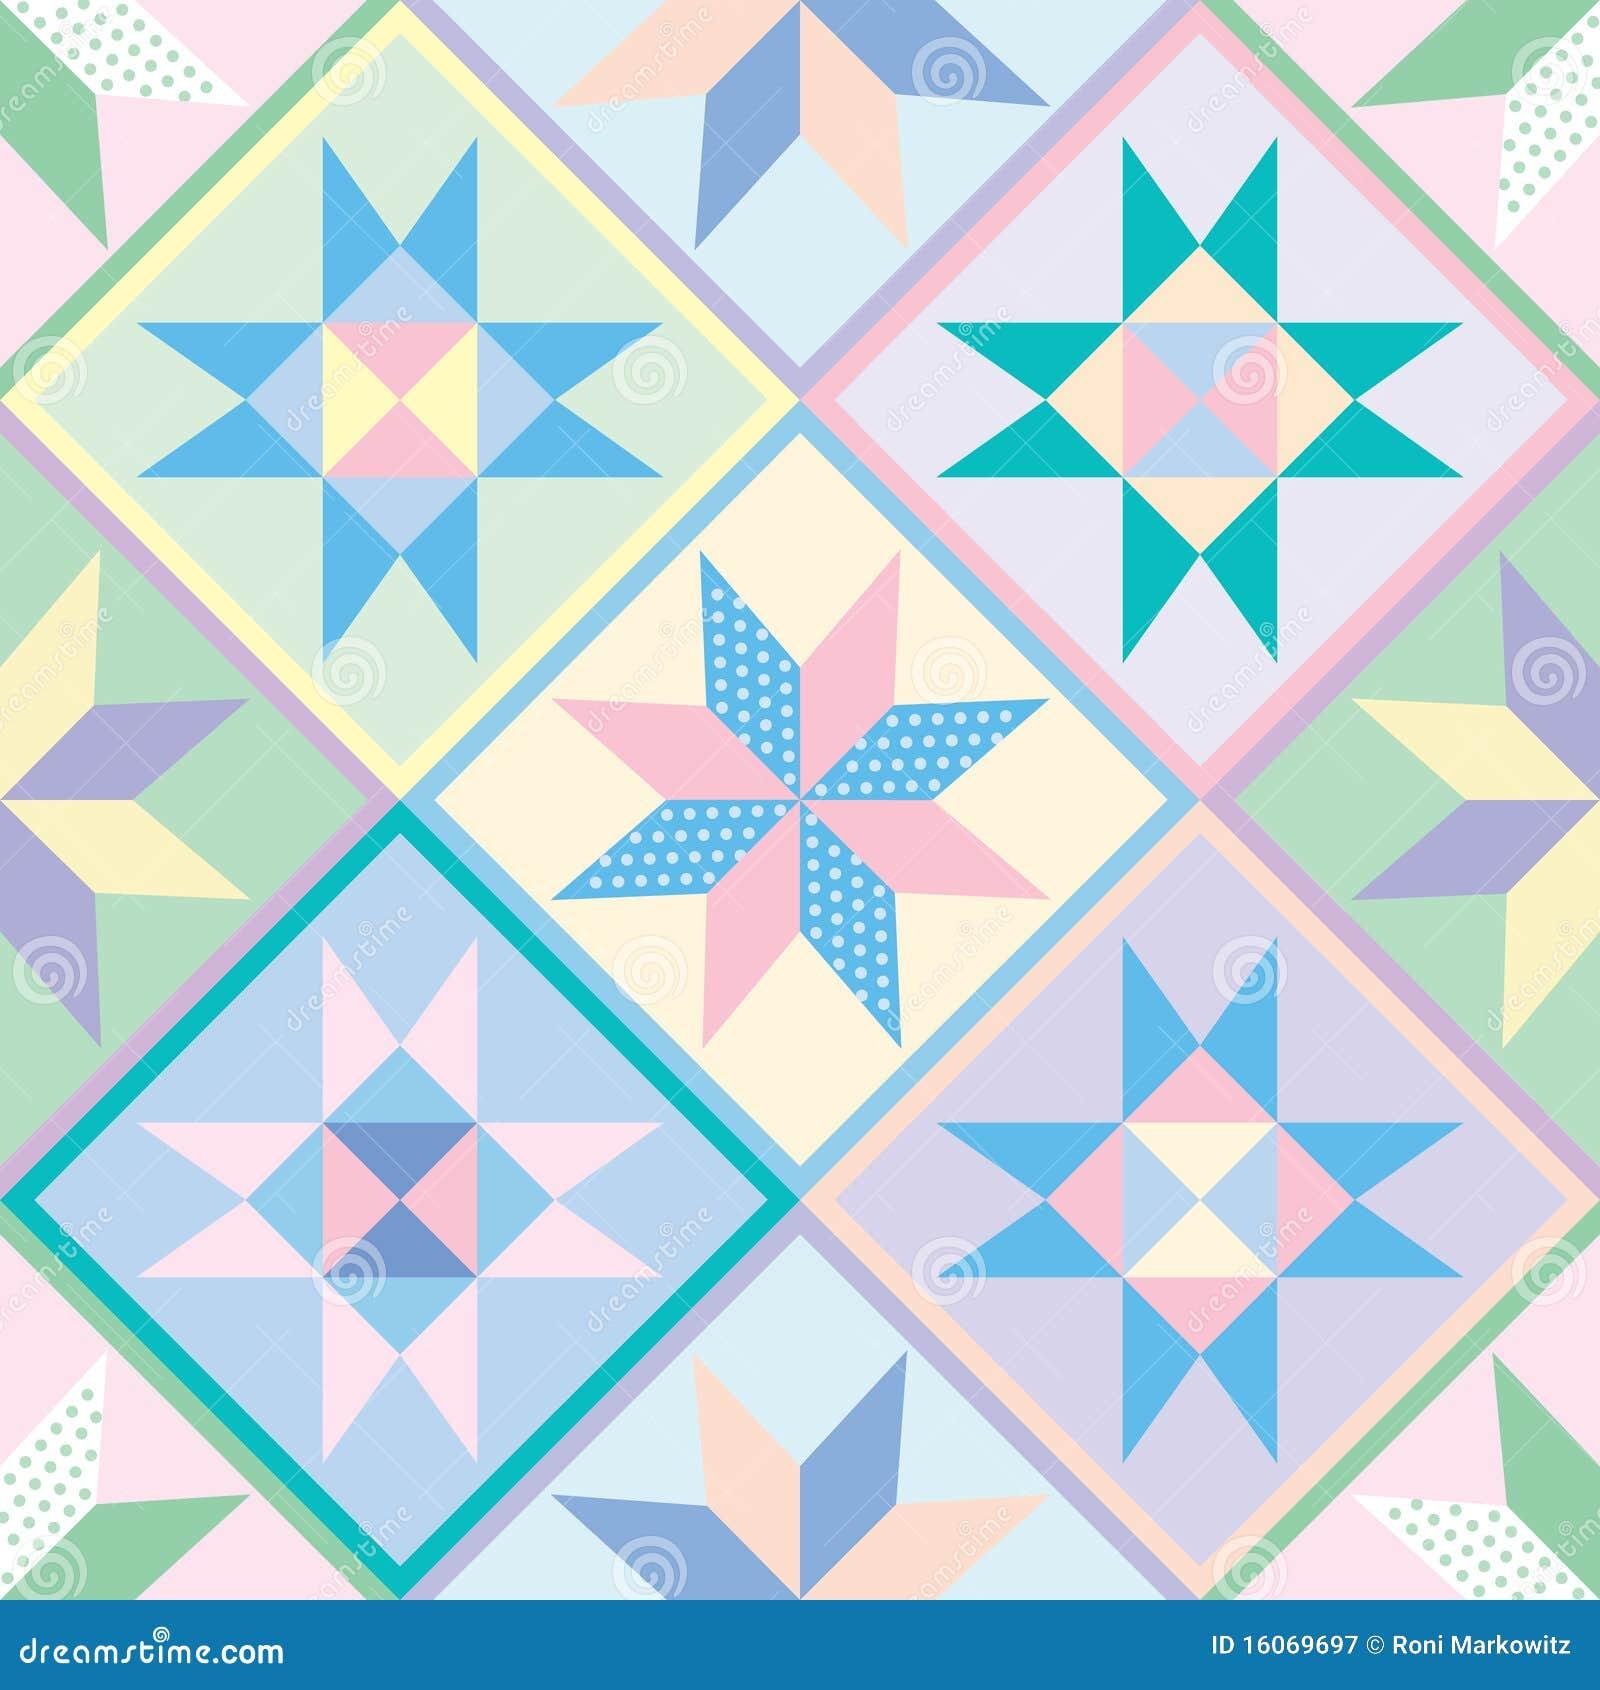 pattern royalty background patterns - photo #32